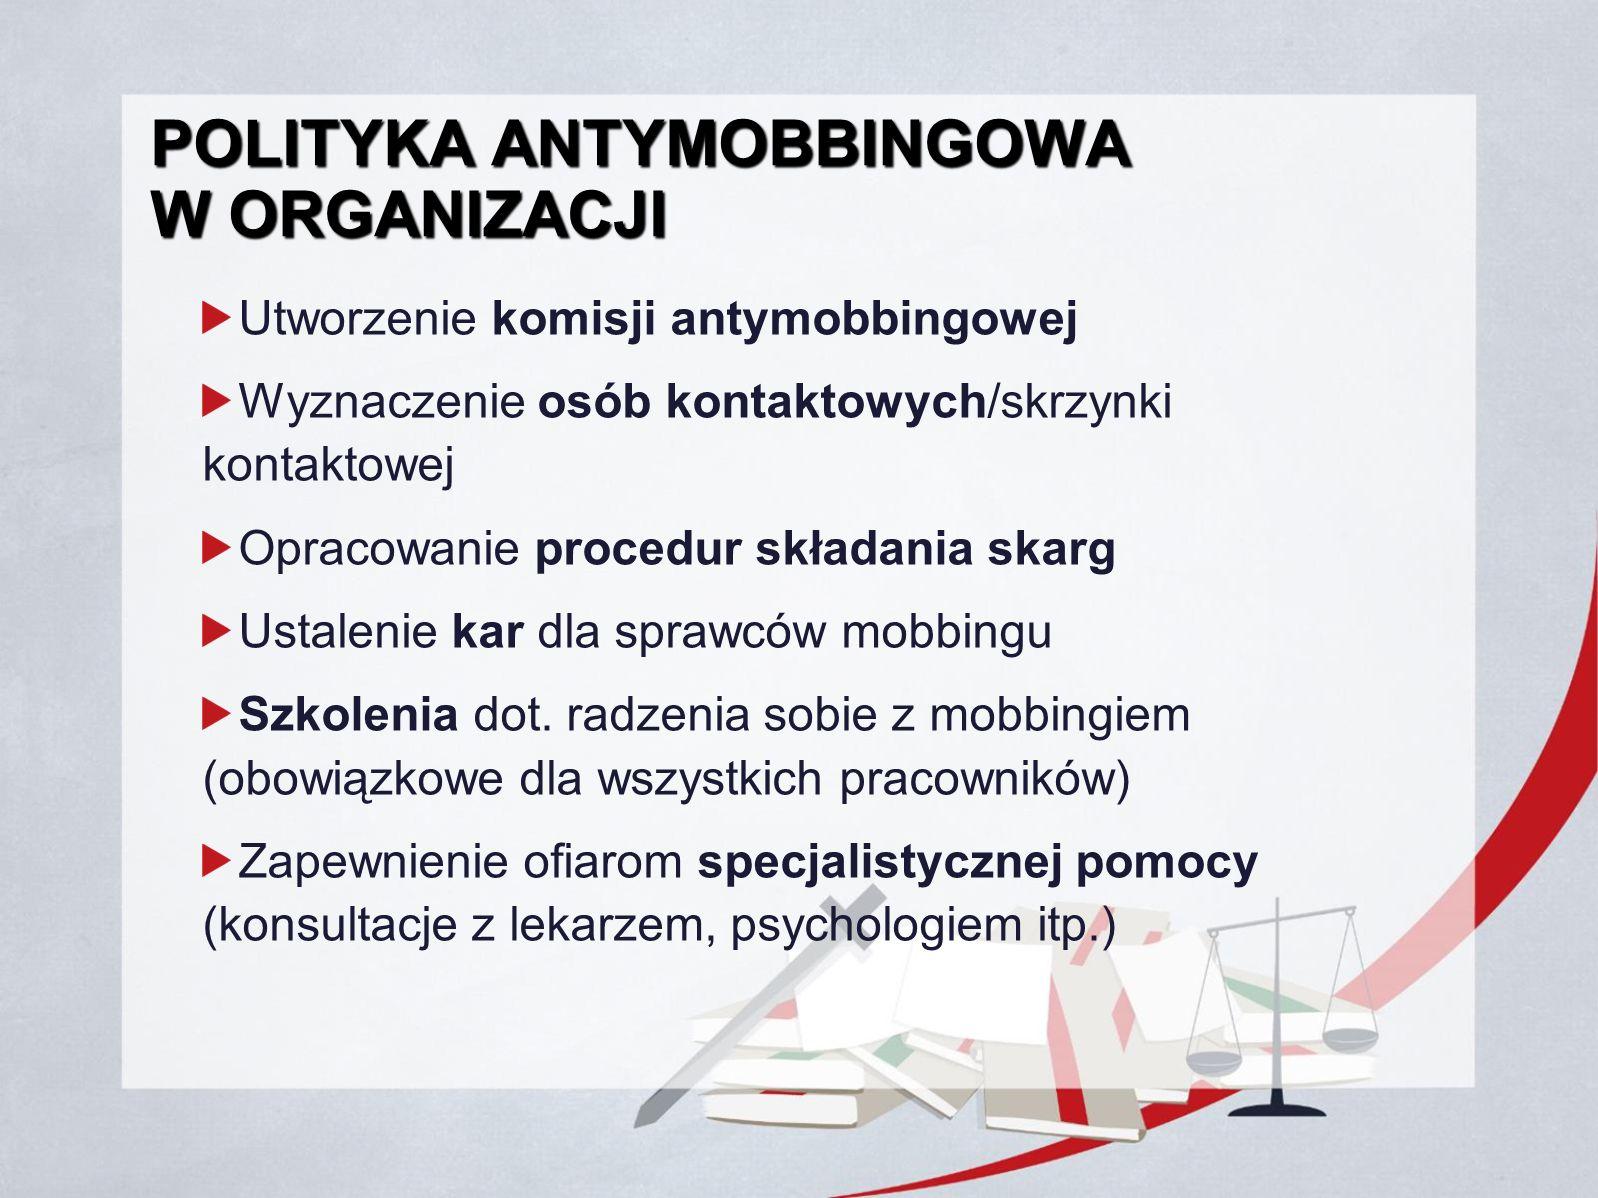 POLITYKA ANTYMOBBINGOWA W ORGANIZACJI Utworzenie komisji antymobbingowej Wyznaczenie osób kontaktowych/skrzynki kontaktowej Opracowanie procedur skład